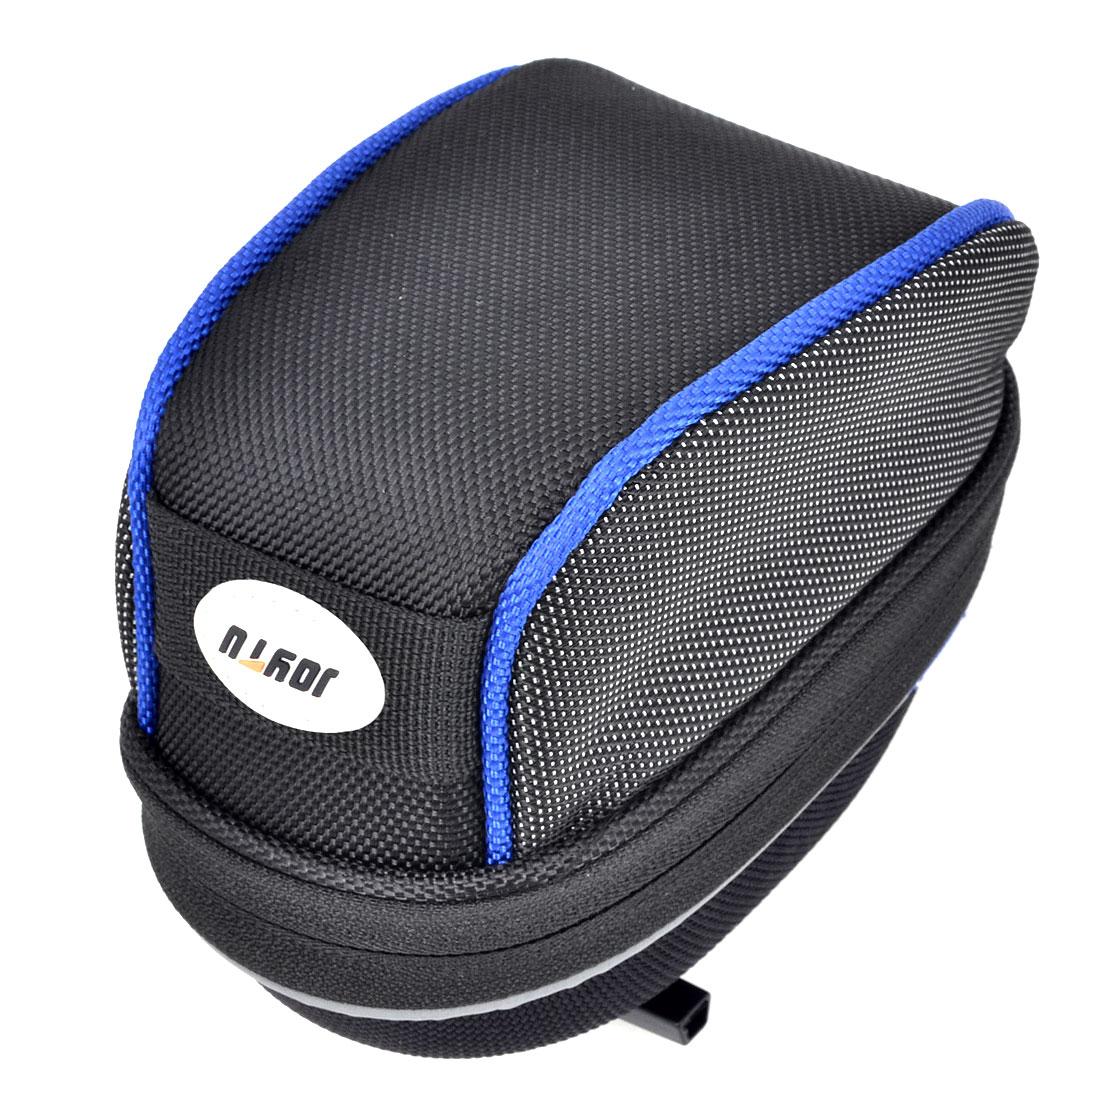 Mountain Bike Black Blue Nylon Saddle Pannier Seat Rear Zipper Bag Pouch